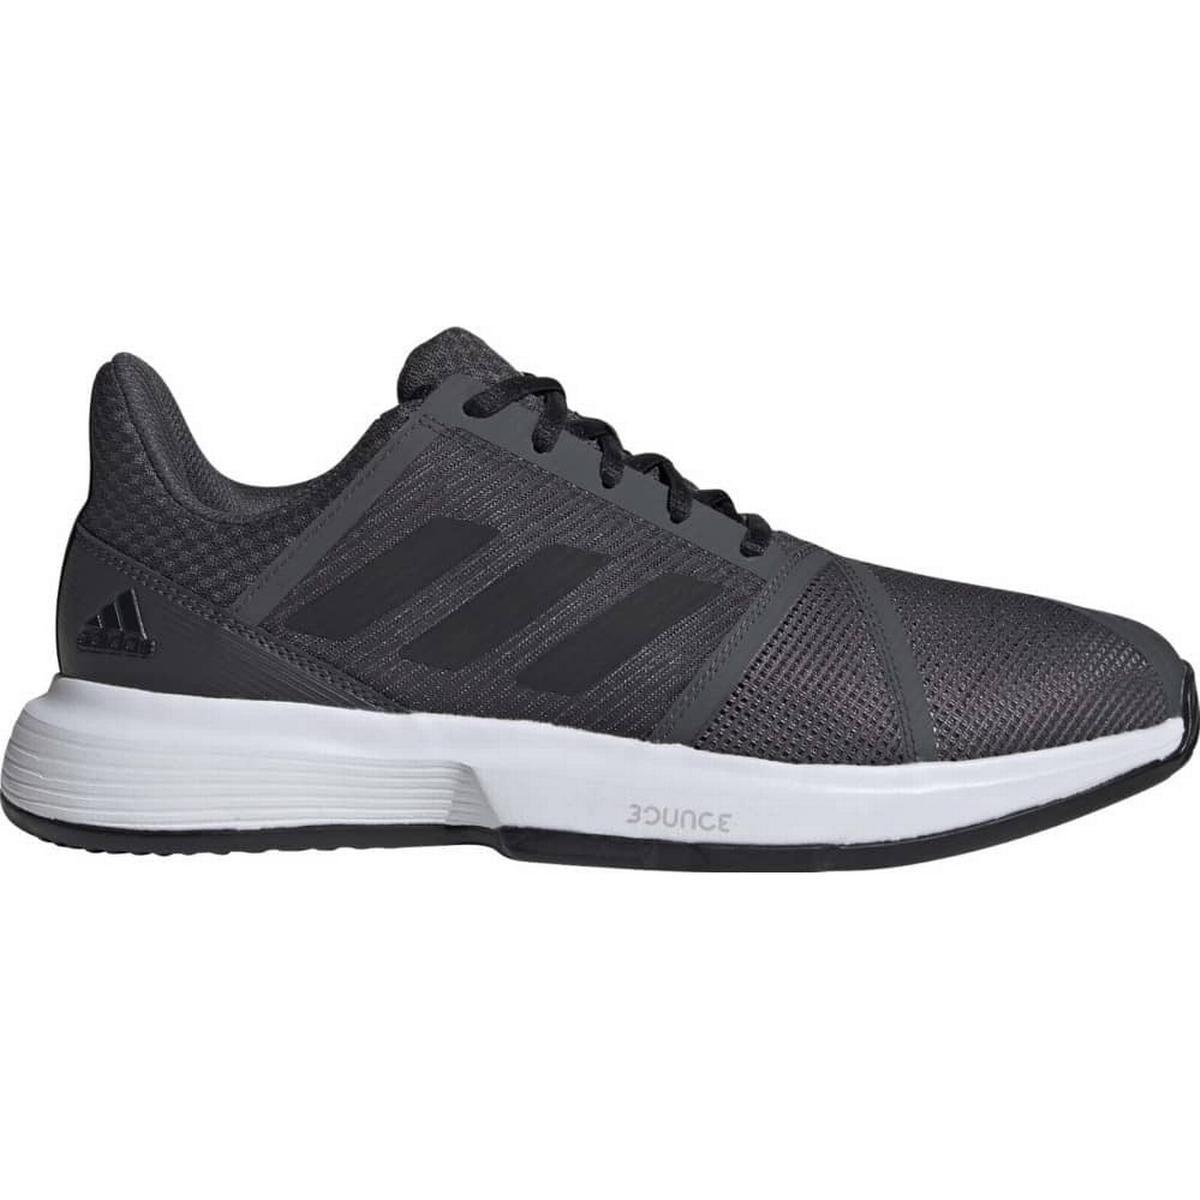 Adidas Adizero Ubersonic 3 X Parley M WhiteTurquoise �?Se